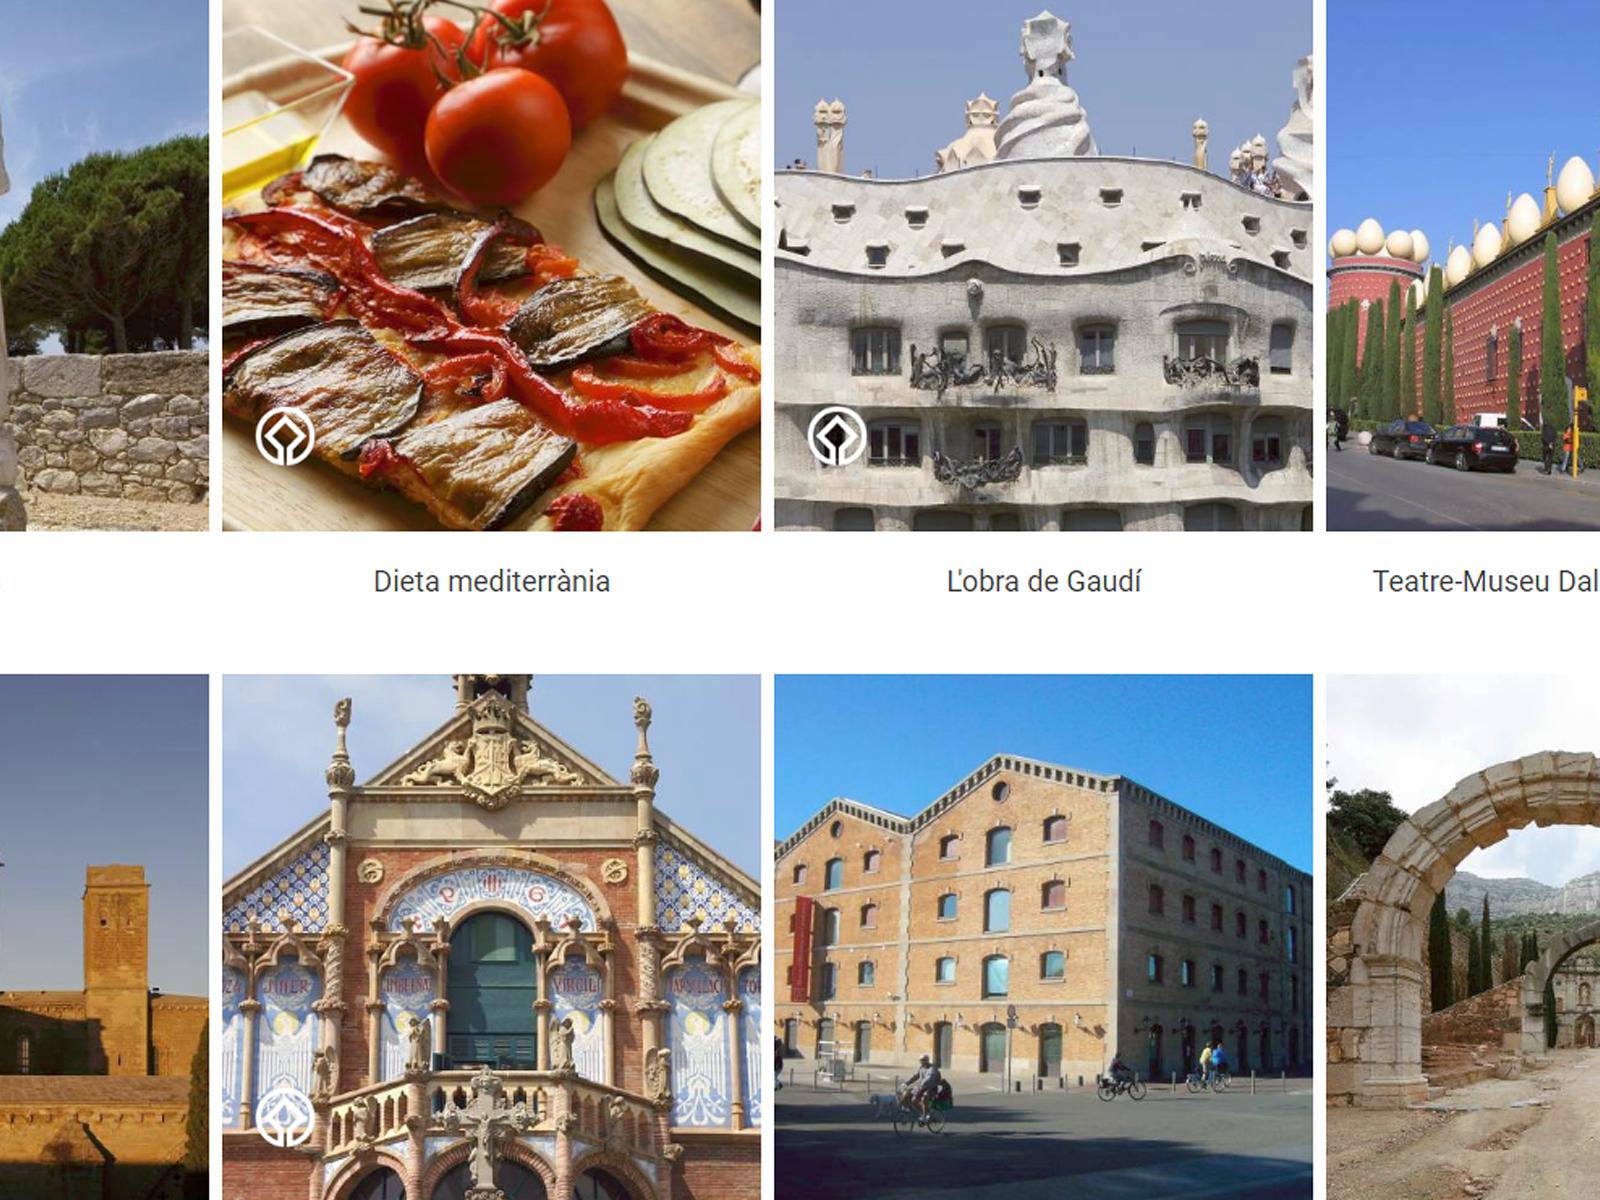 Patrimoni Cultural Generalitat de Catalunya